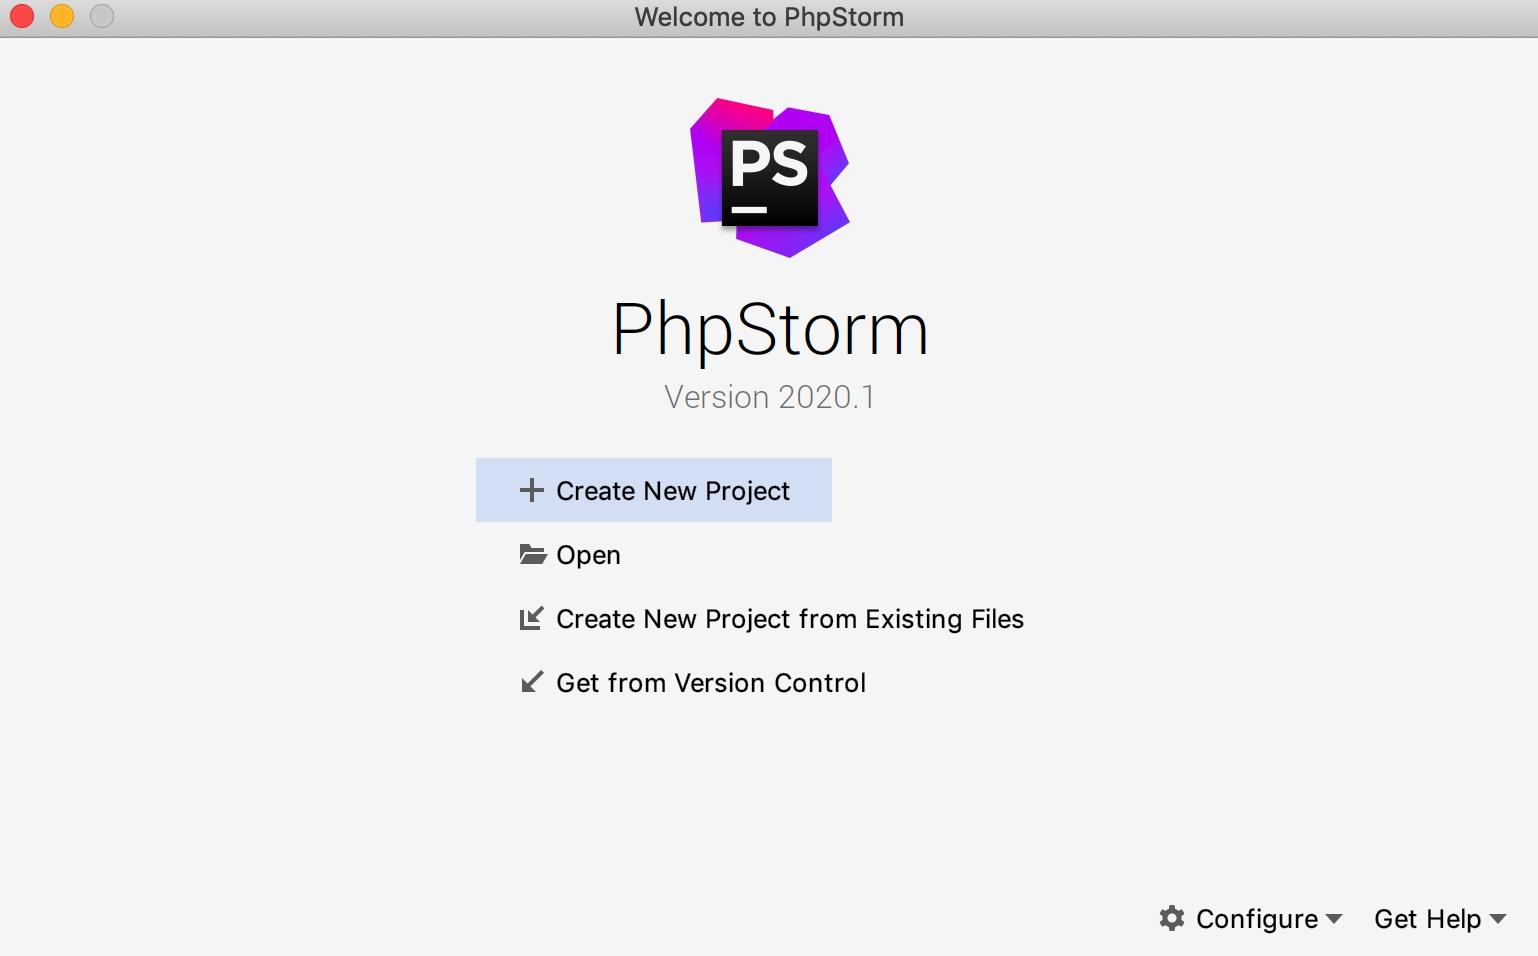 在 PhpStorm 中创建新项目